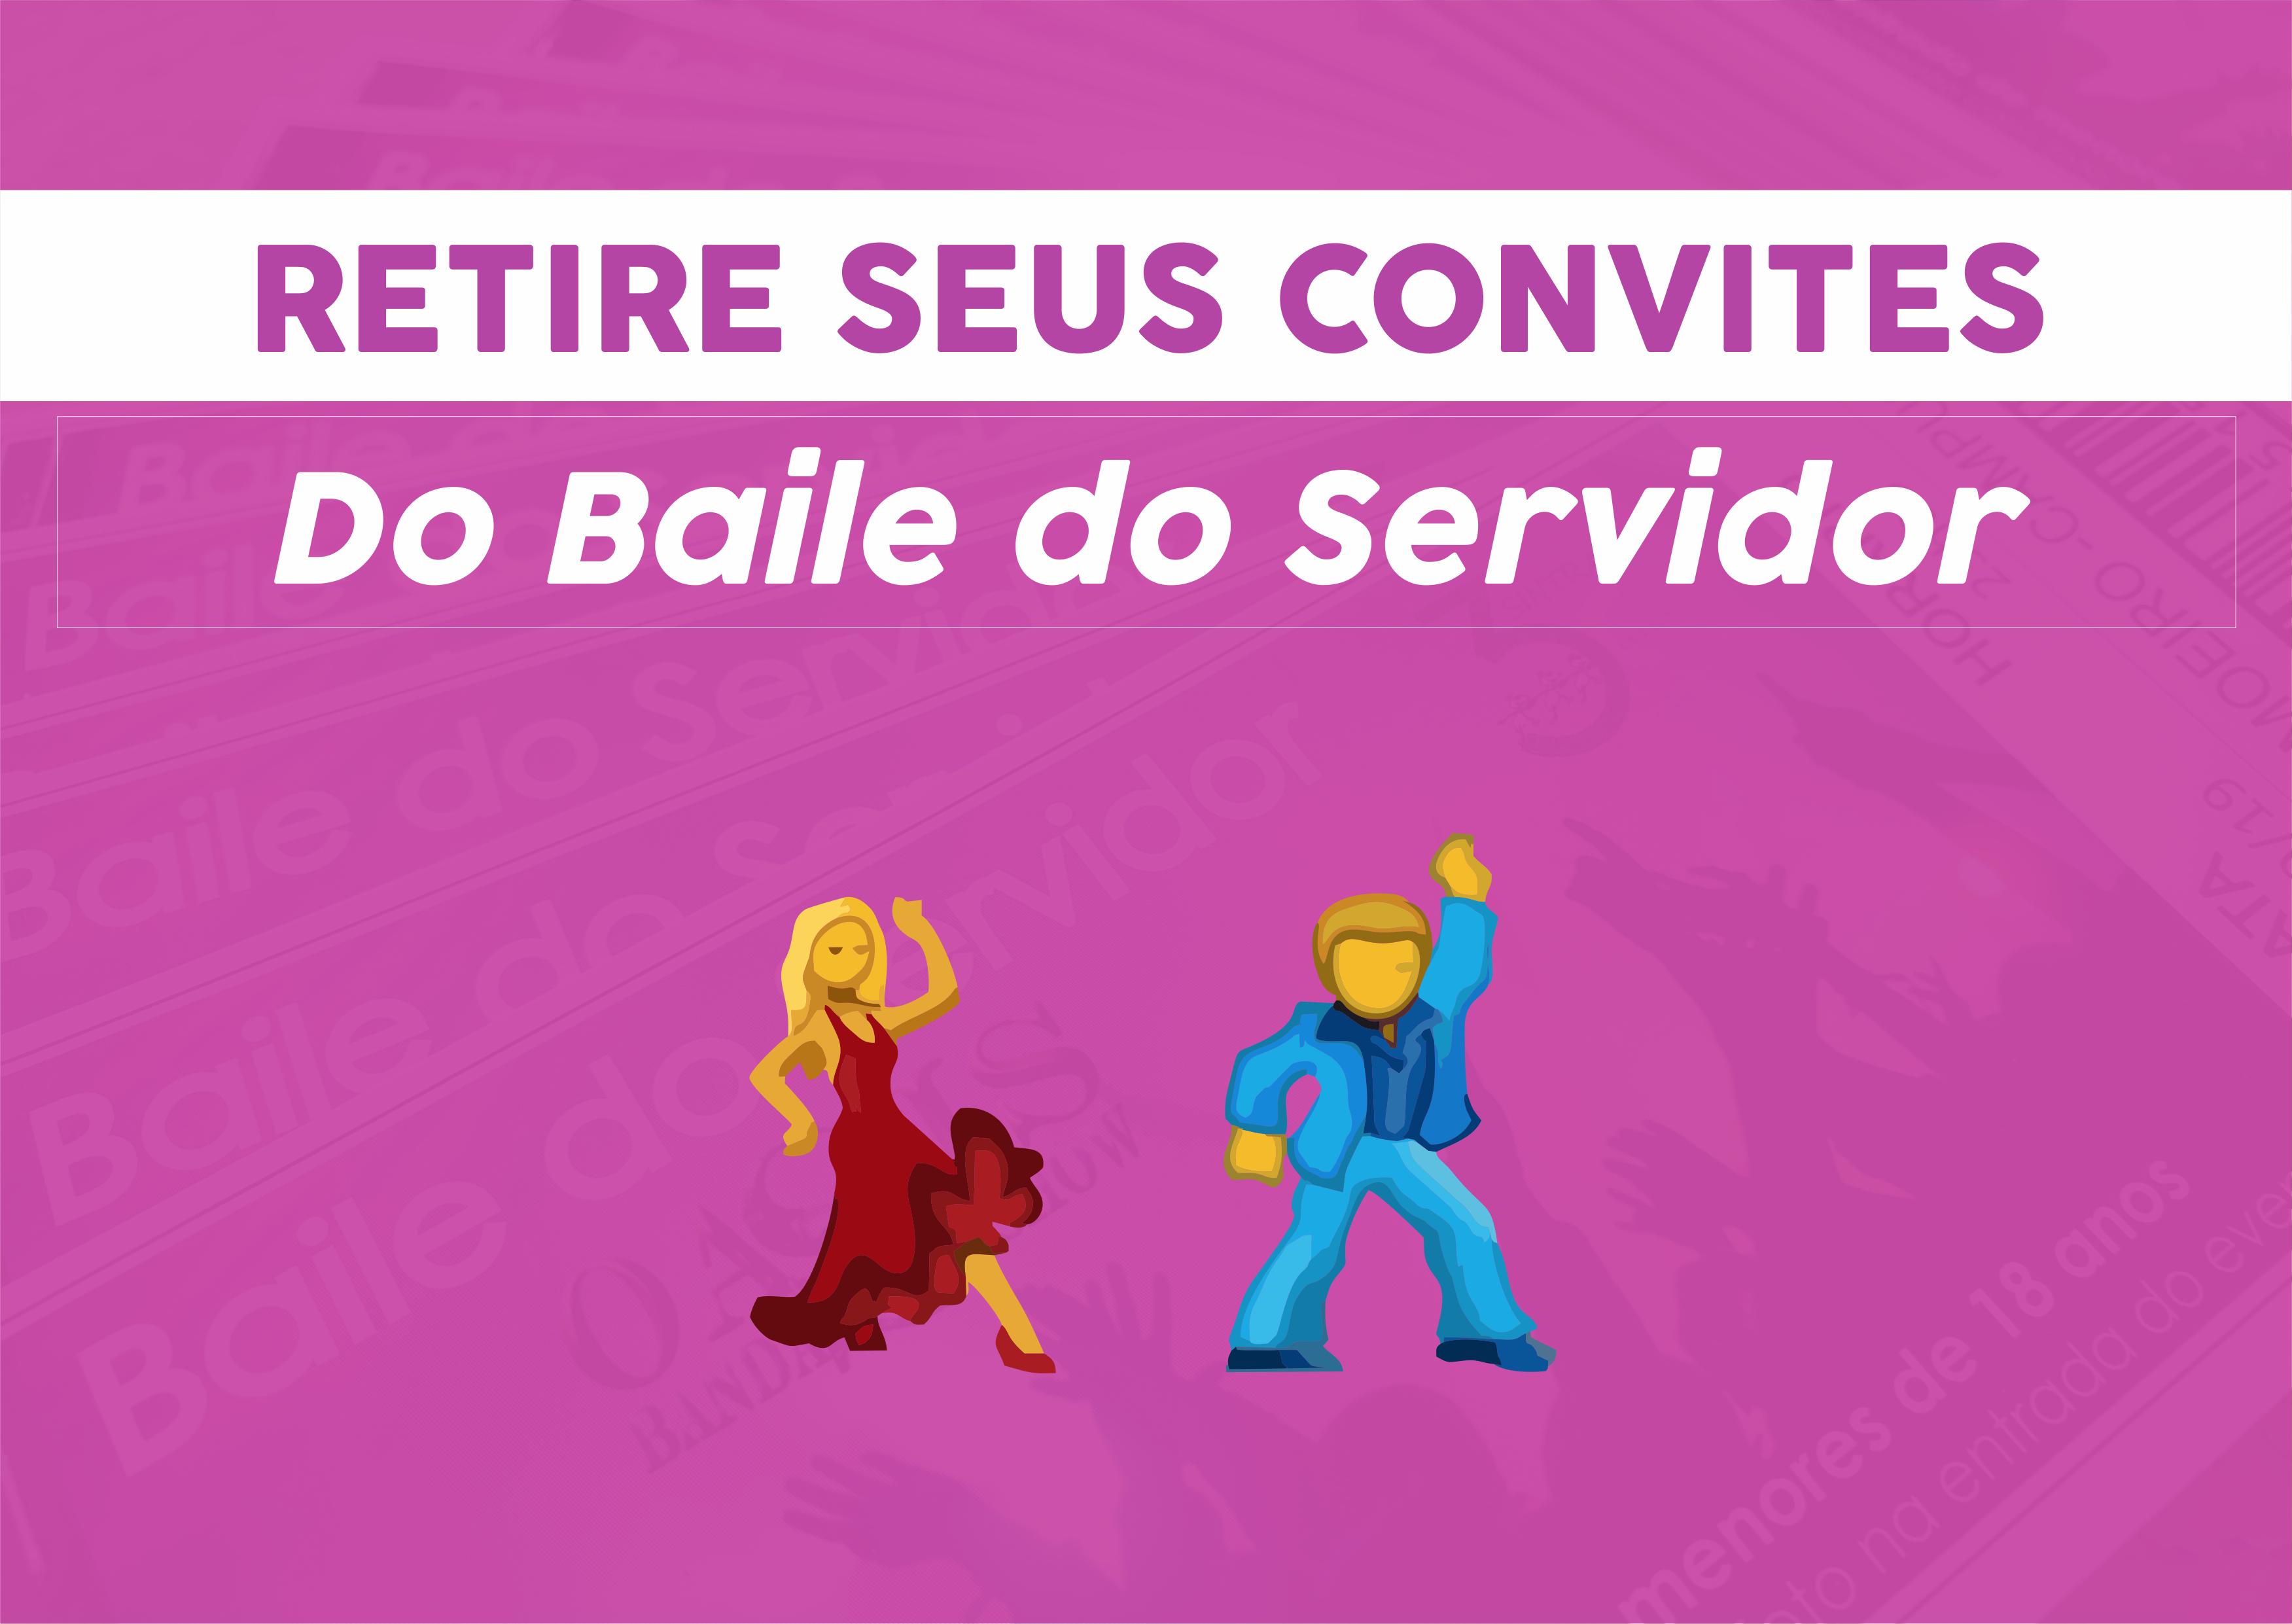 Convites do Baile do Servidor serão entregues até sexta-feira!